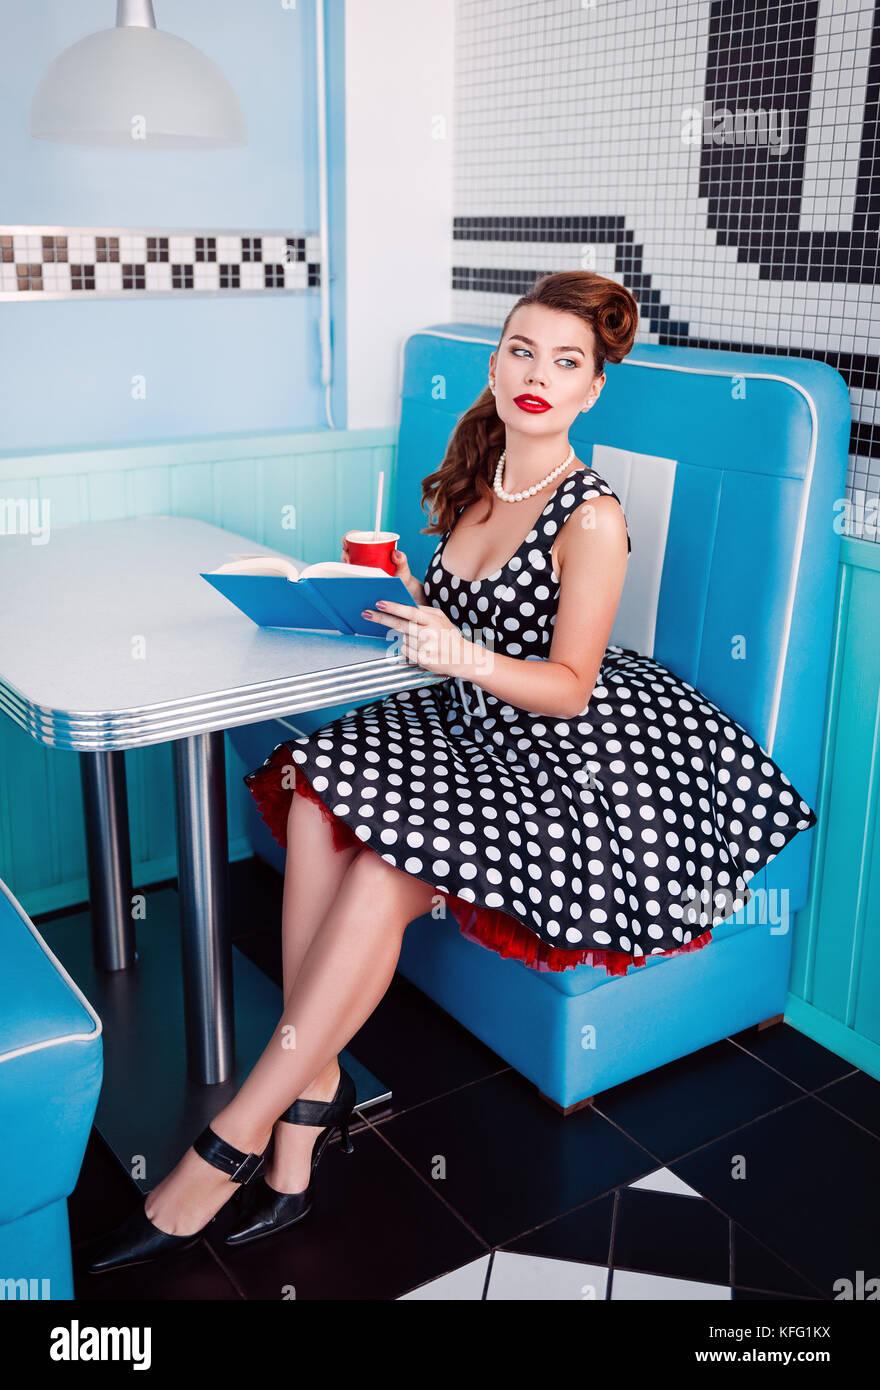 e7ed851e0 Retro (vintage) retrato de la guapa joven chica sentada en la cafetería con  un libro y bebidas estilo pin up retrato de niña en el vestido